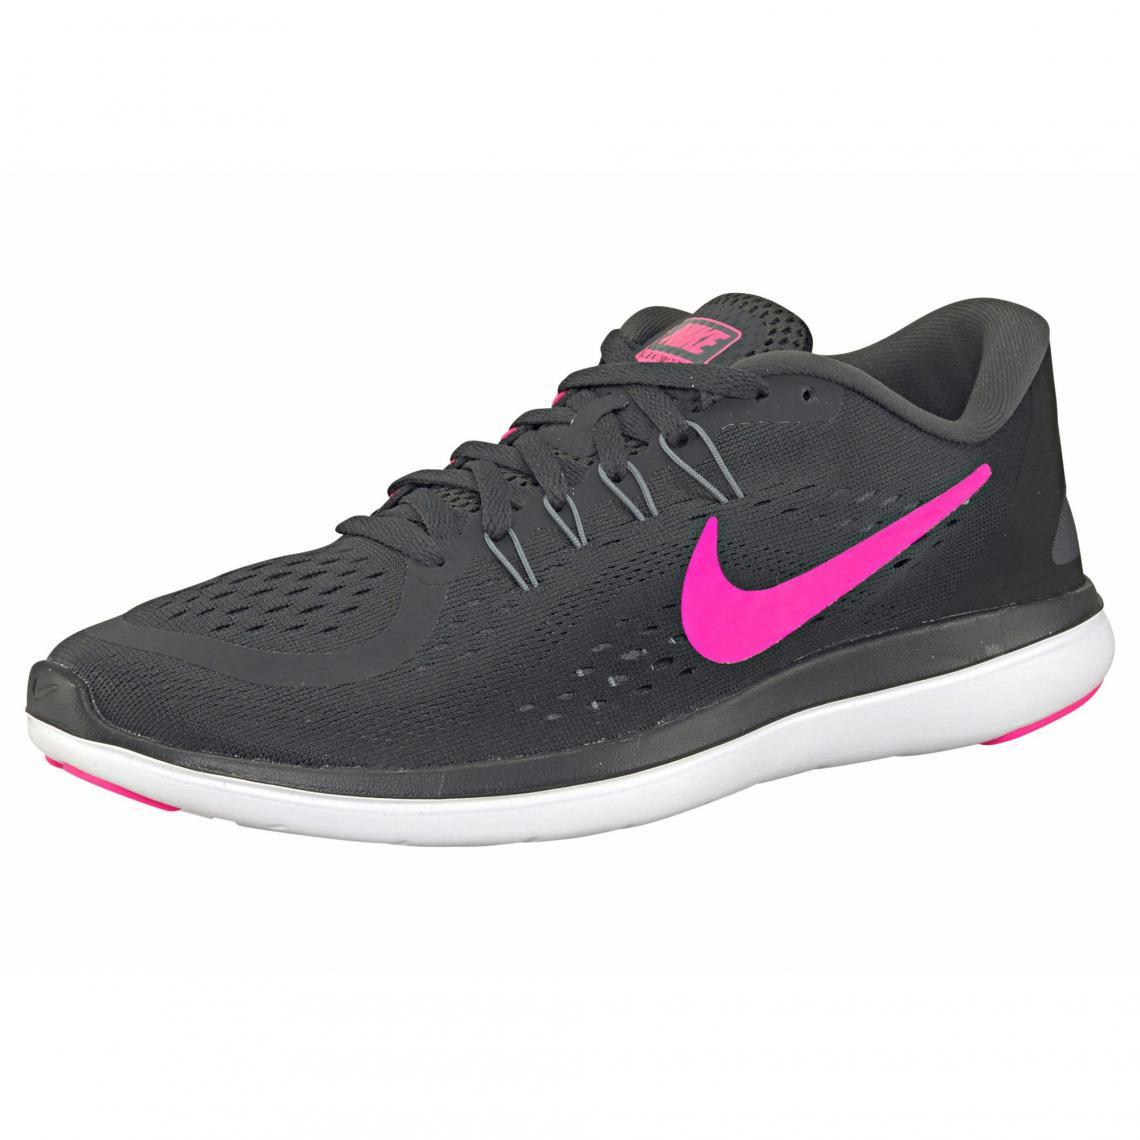 Nike Flex Run 2017 chaussures running femme - Noir | 3 SUISSES